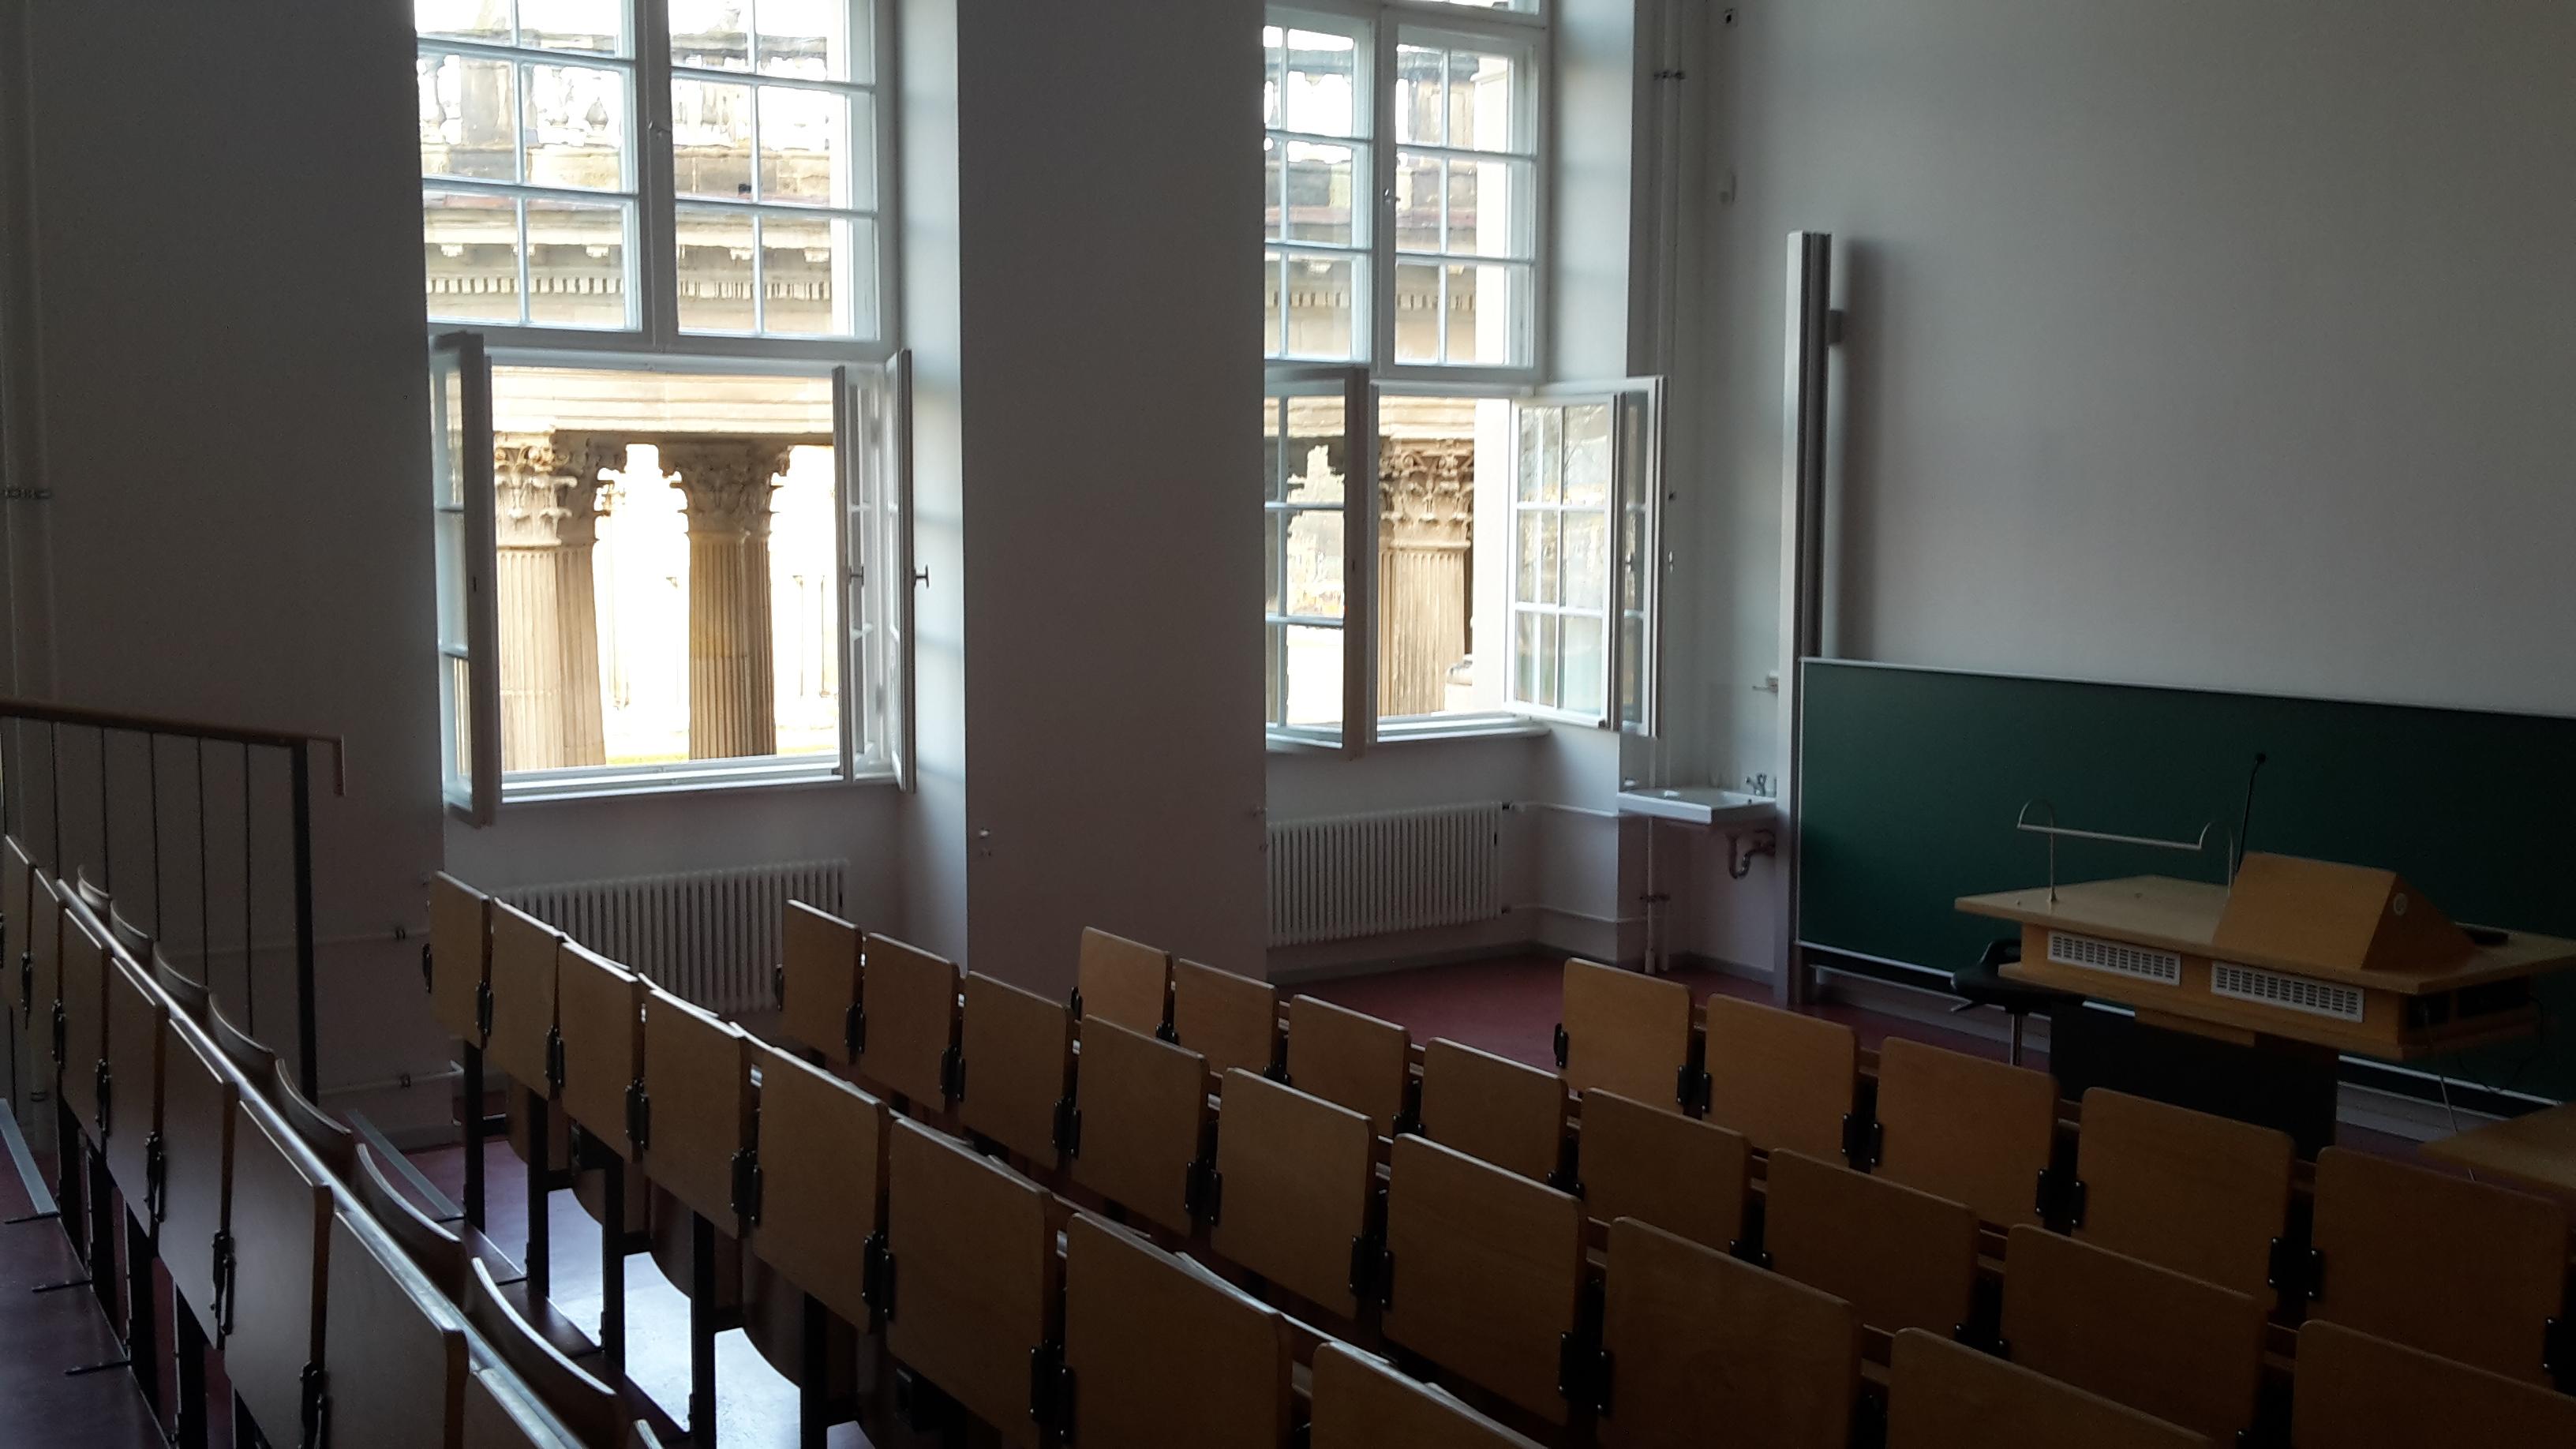 Veranstaltungraum - Großer Vorlesungssaal Haus 9